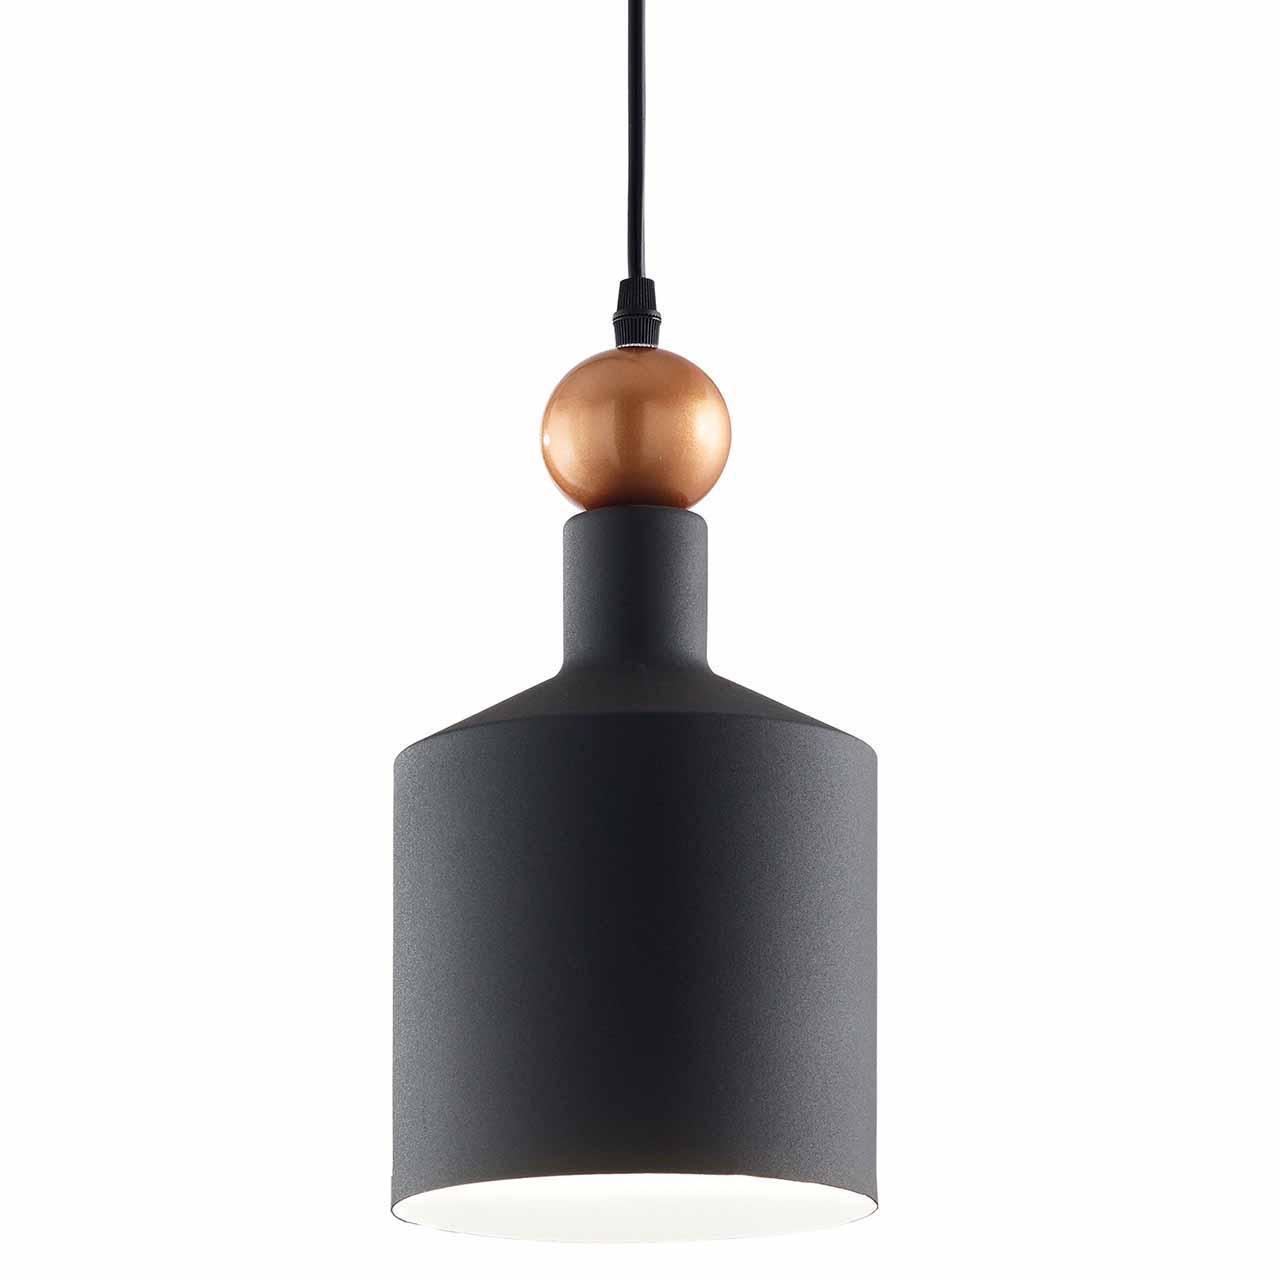 Подвесной светильник Ideal Lux Triade-3 SP1, E27, 42 Вт подвесной светильник ideal lux potty 3 sp1